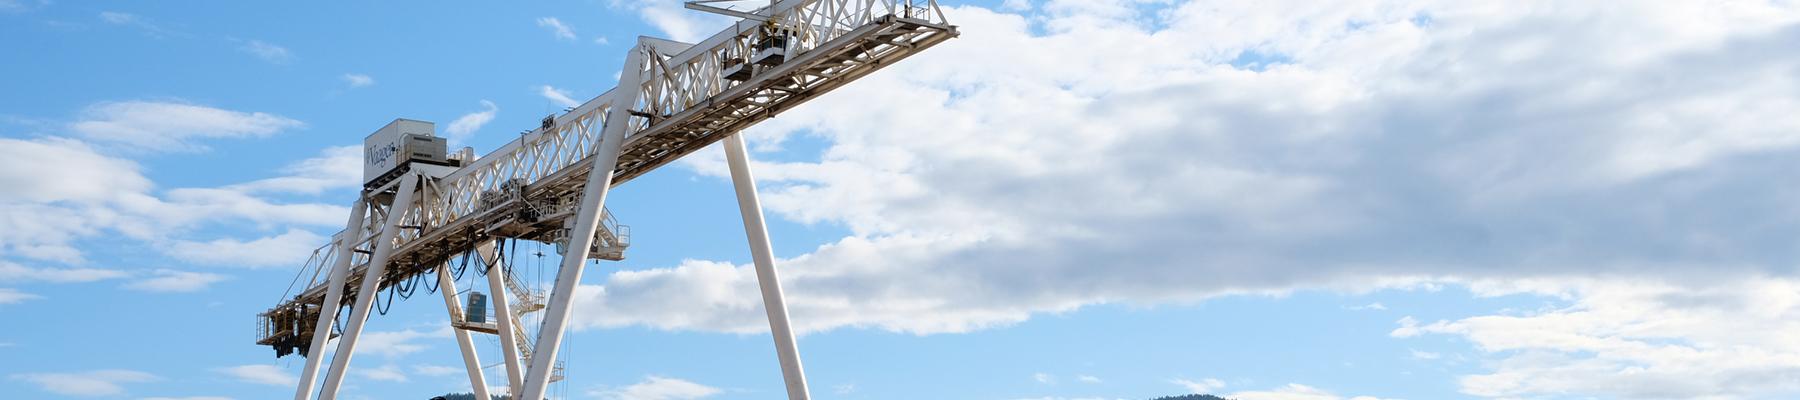 A crane in Colville, WA